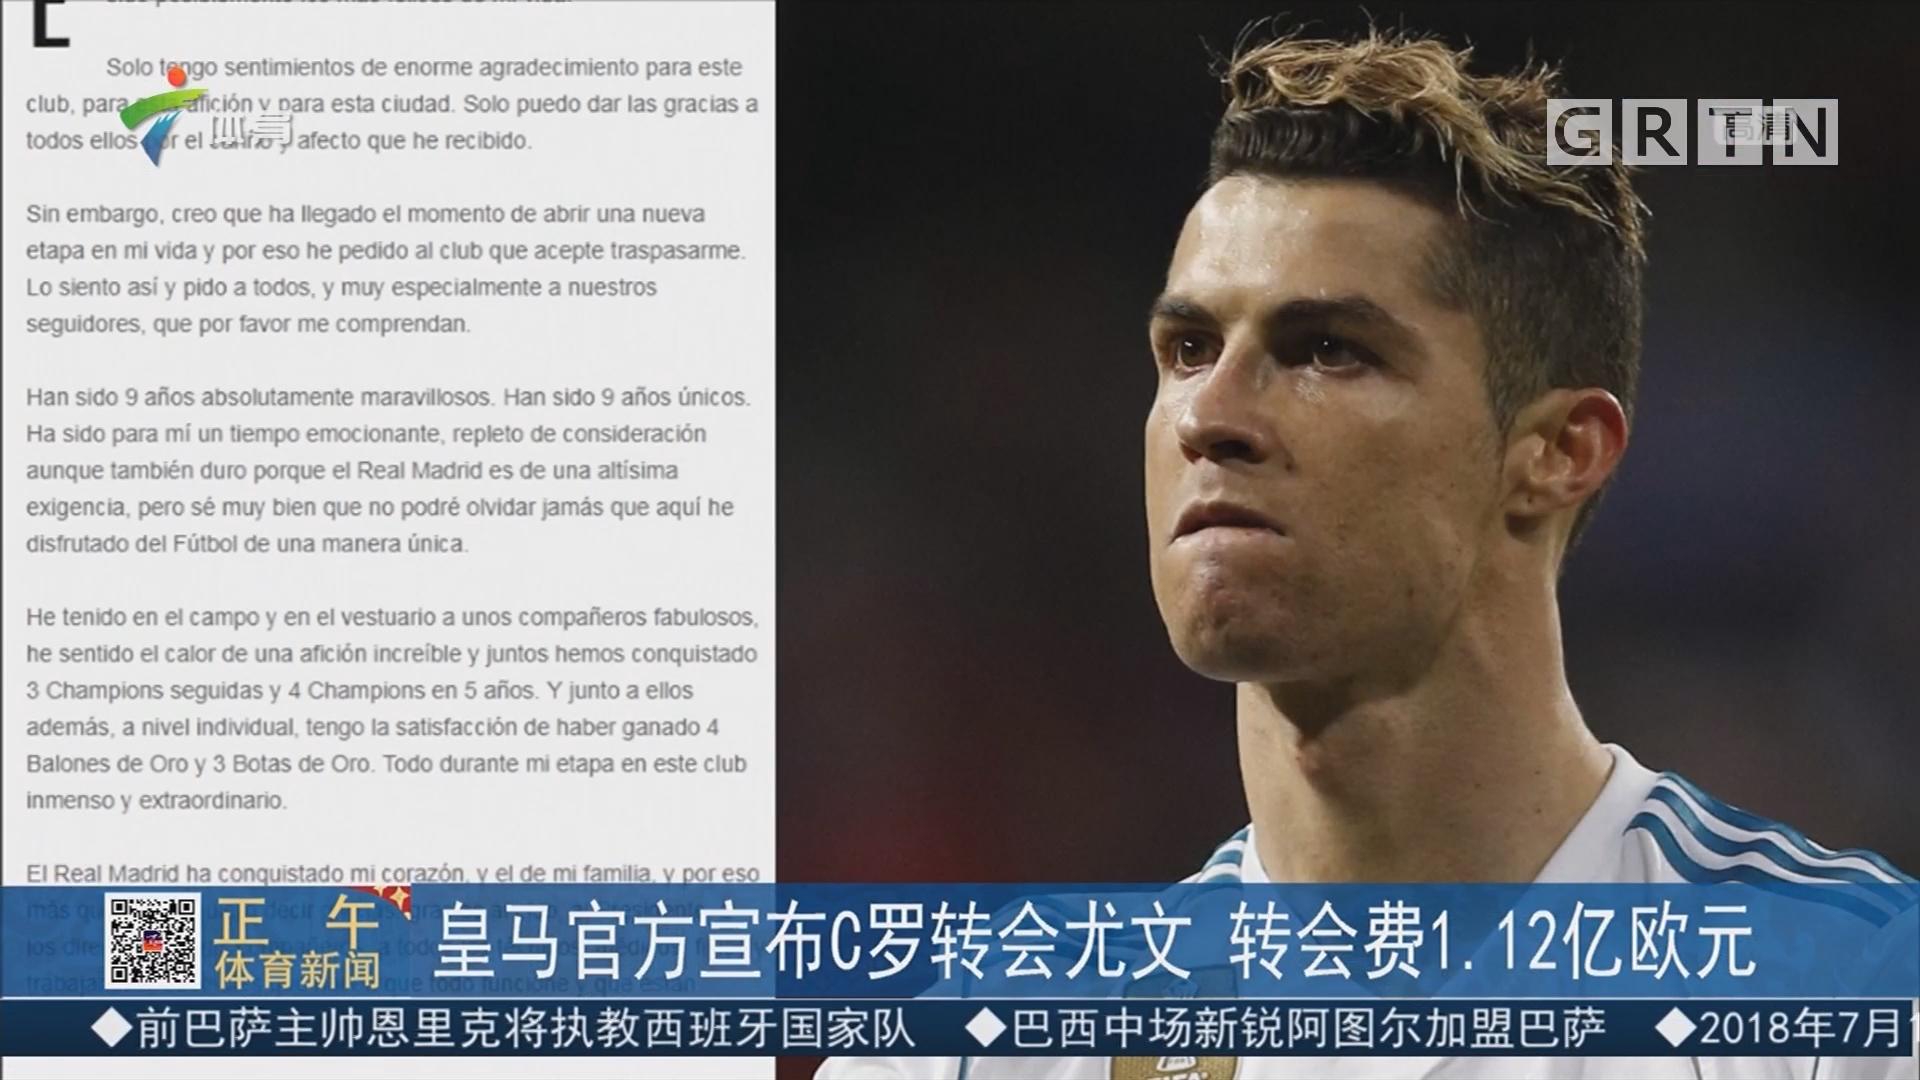 皇马官方宣布C罗转会尤文 转会费1.12亿欧元